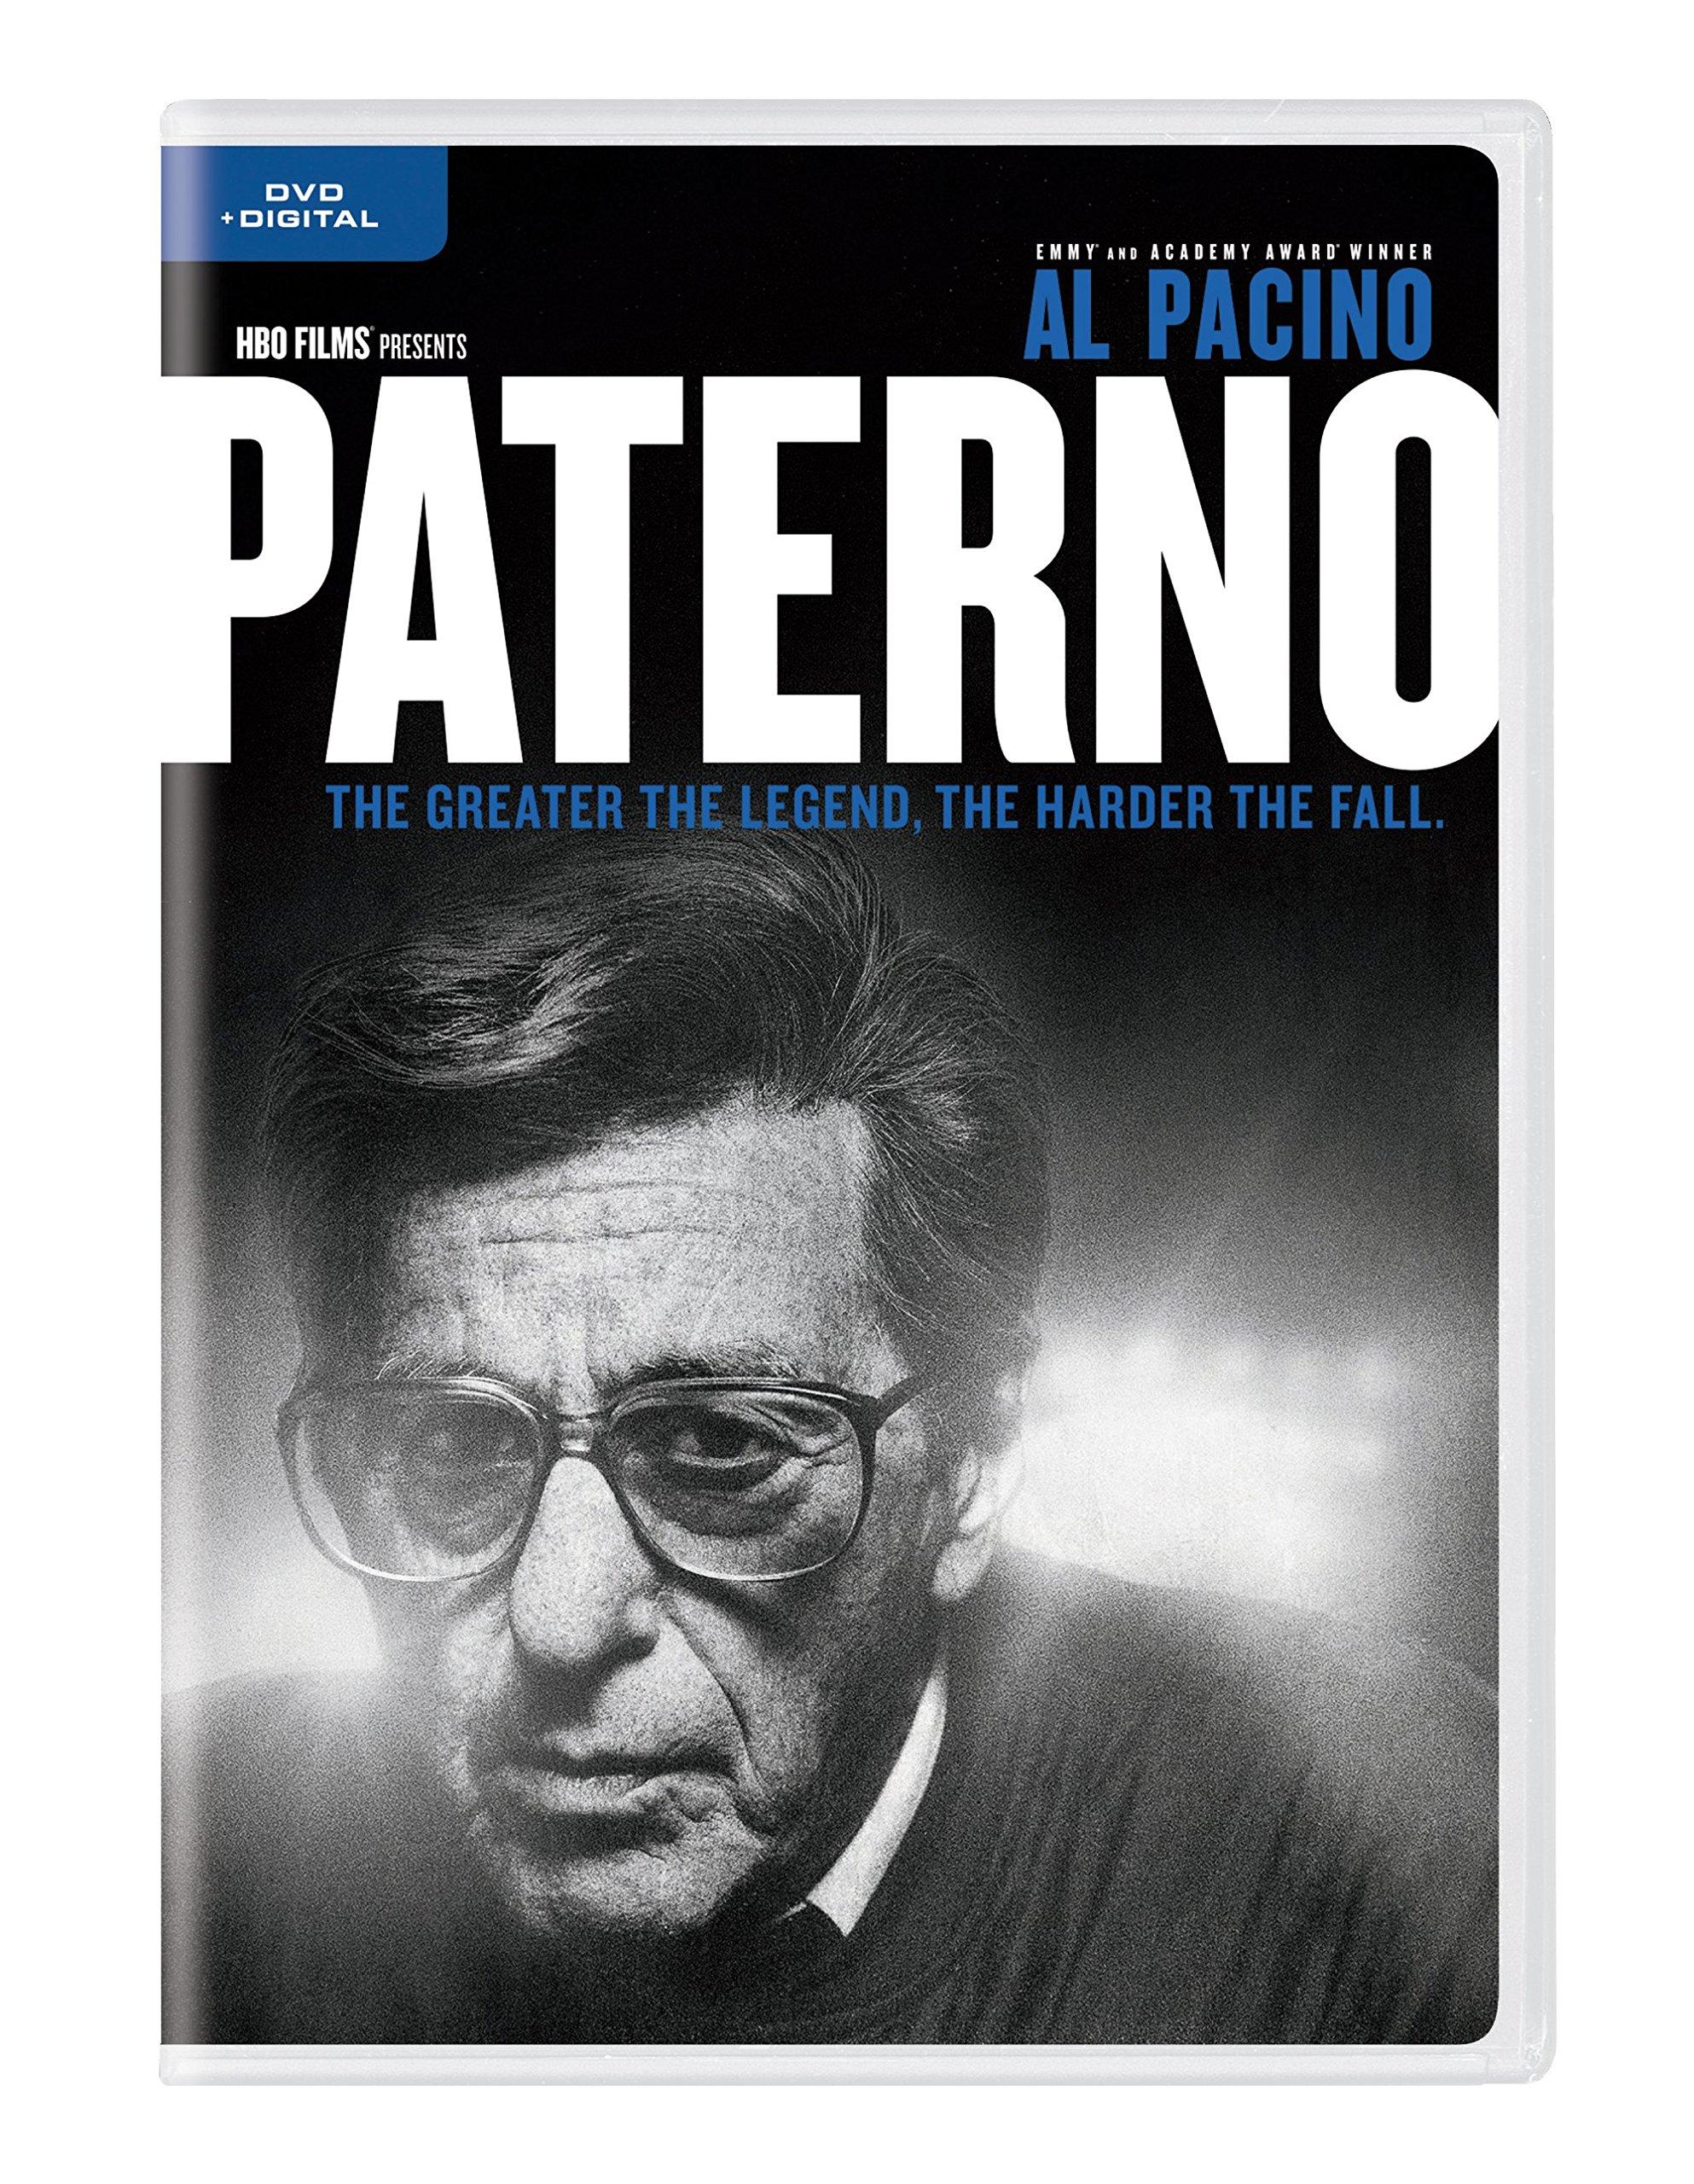 DVD : Paterno (Ultraviolet Digital Copy, Amaray Case, Digital Copy)